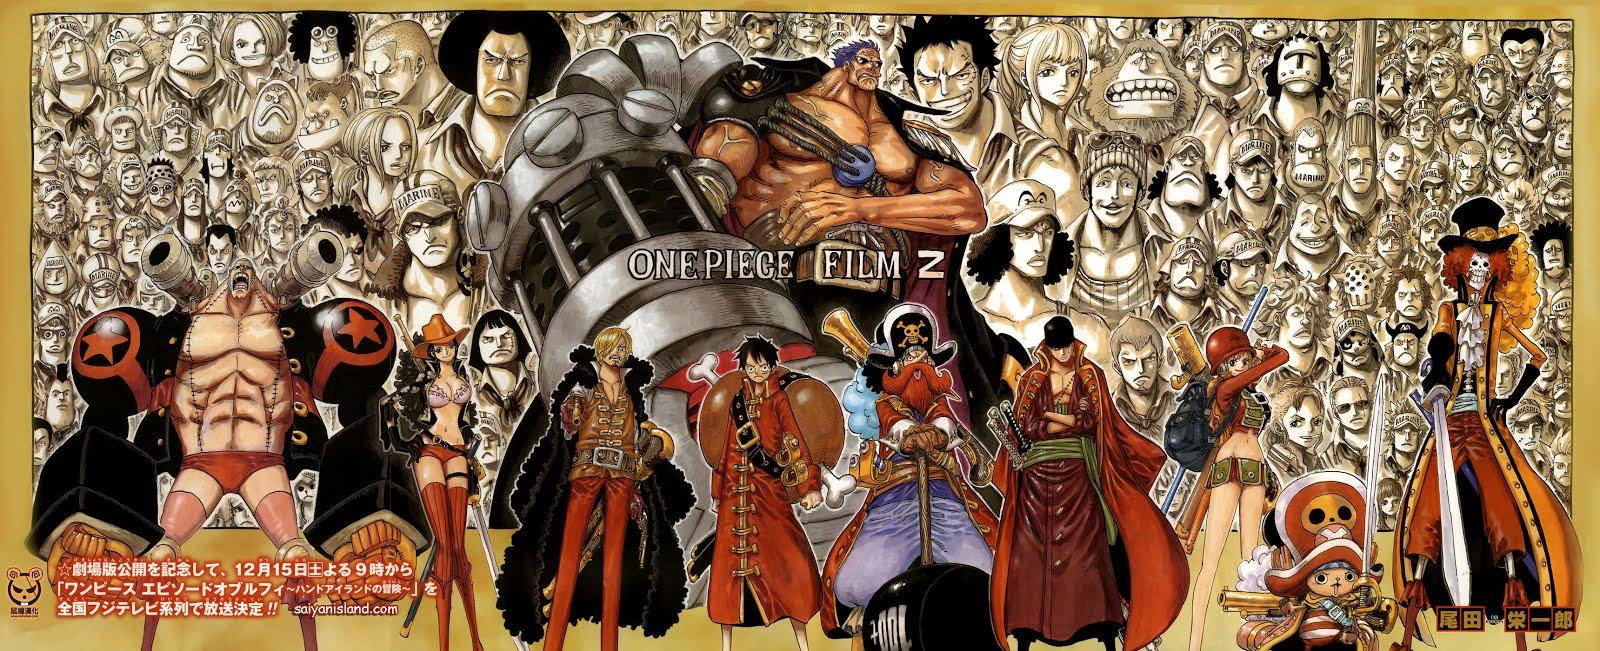 فلم ون بيس زيتو One Piece Z film مترجم عربي نسخة كاملة على مركز الخليج